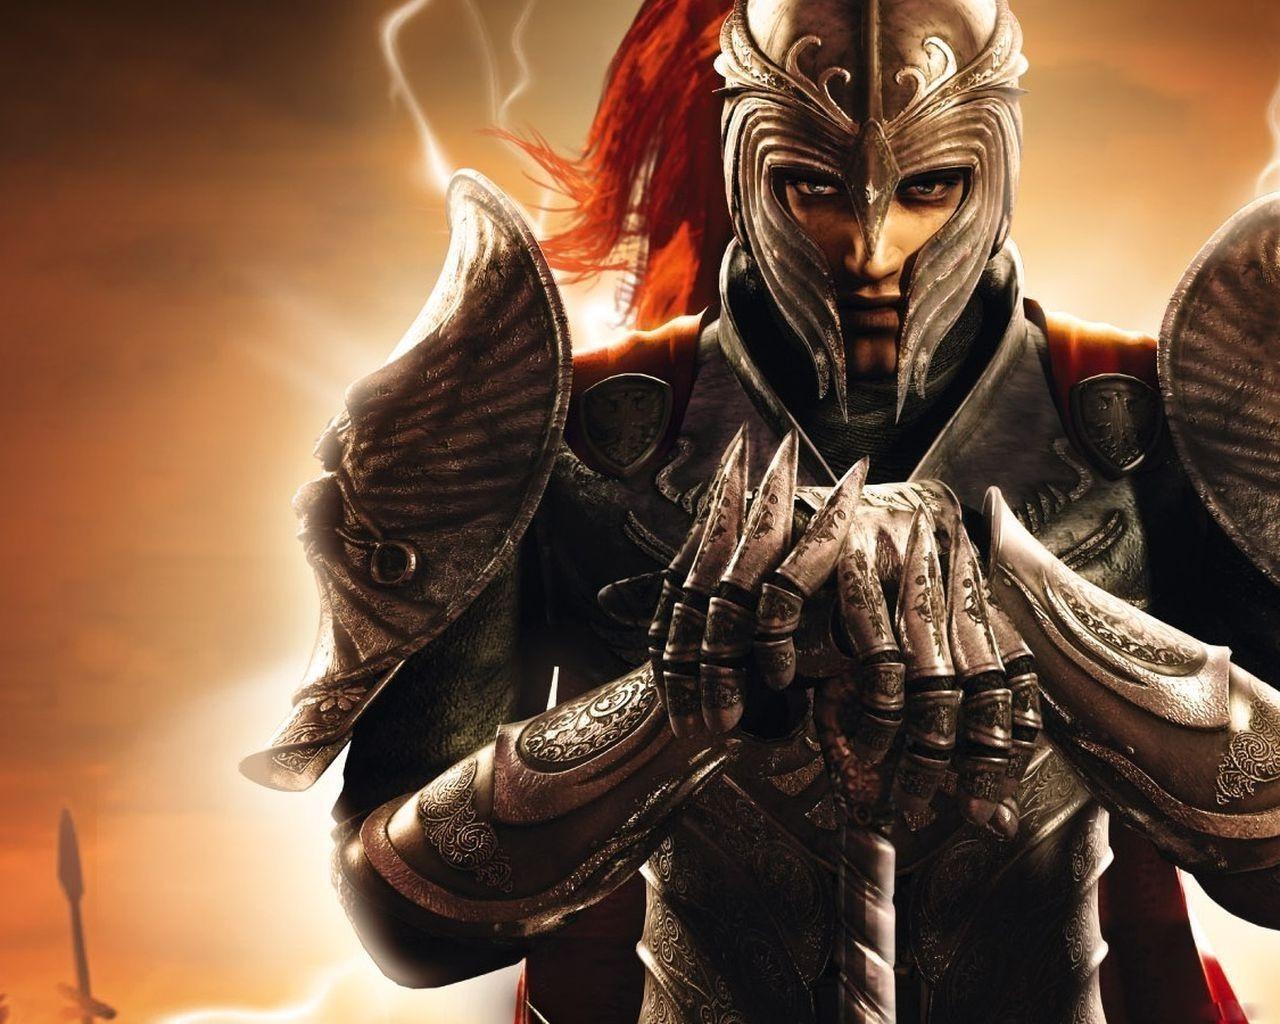 Fantasy Knights Art